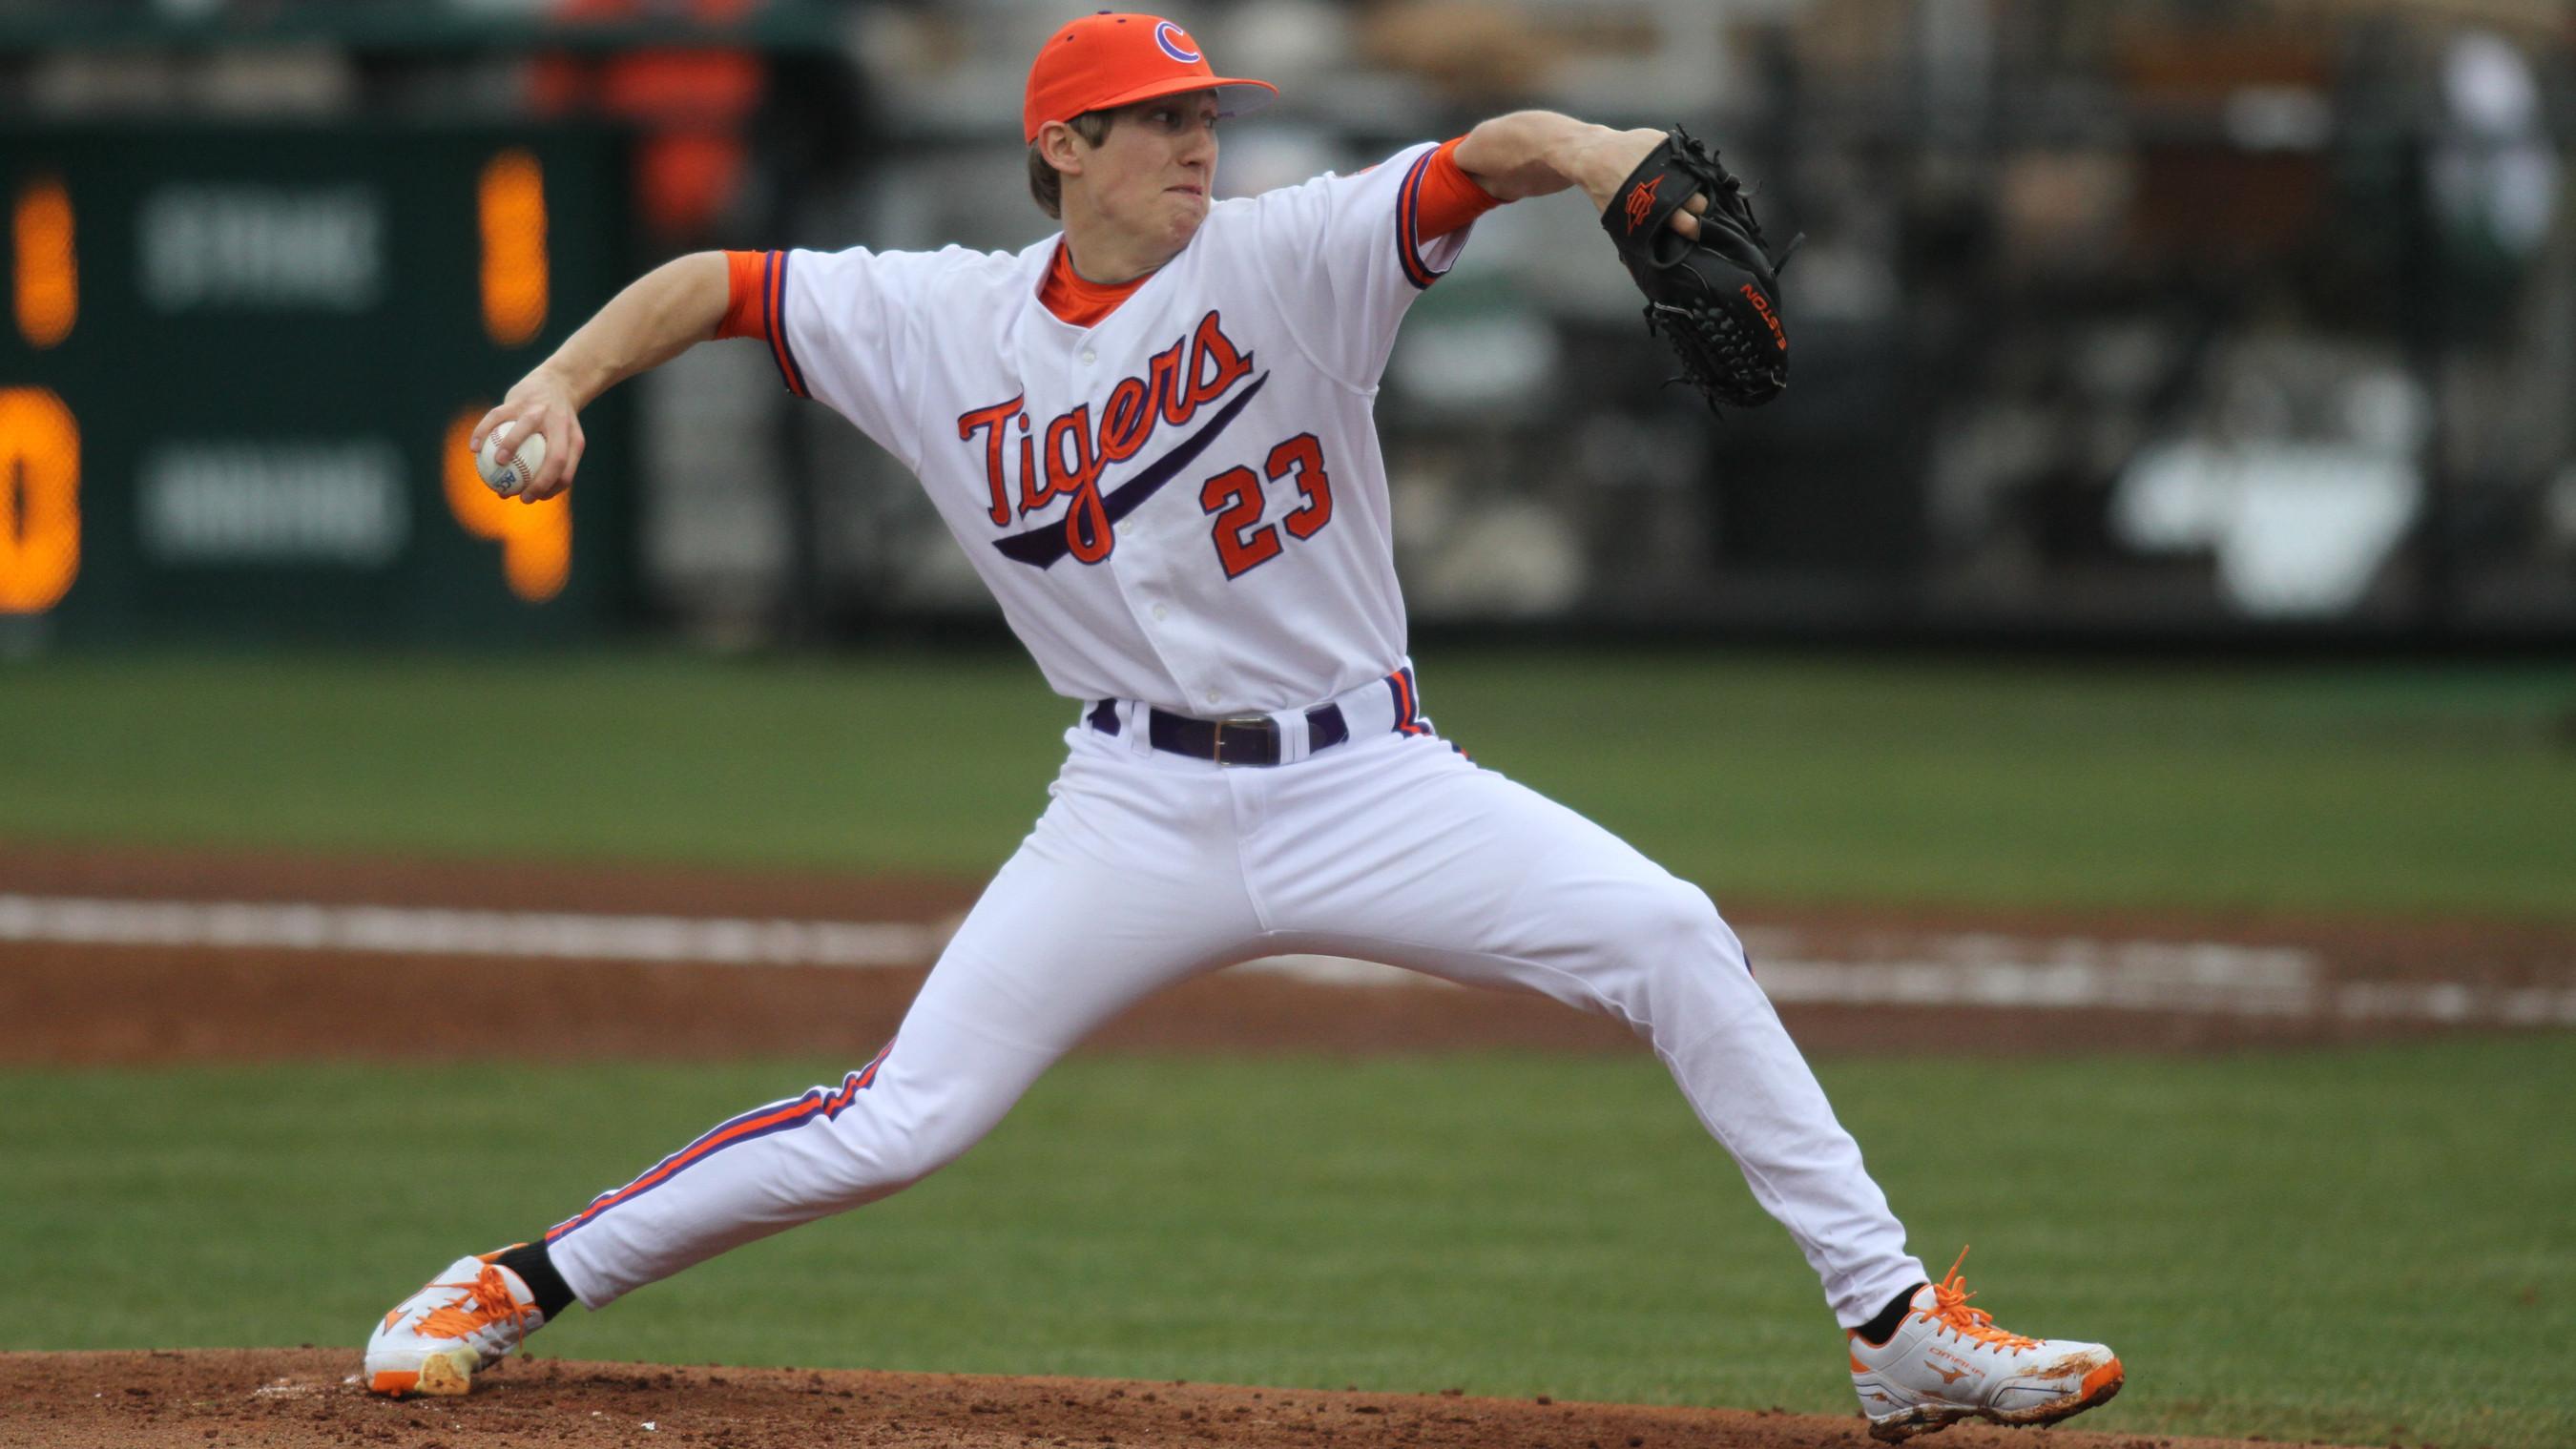 Tigers to Face #7 South Carolina Friday-Sunday